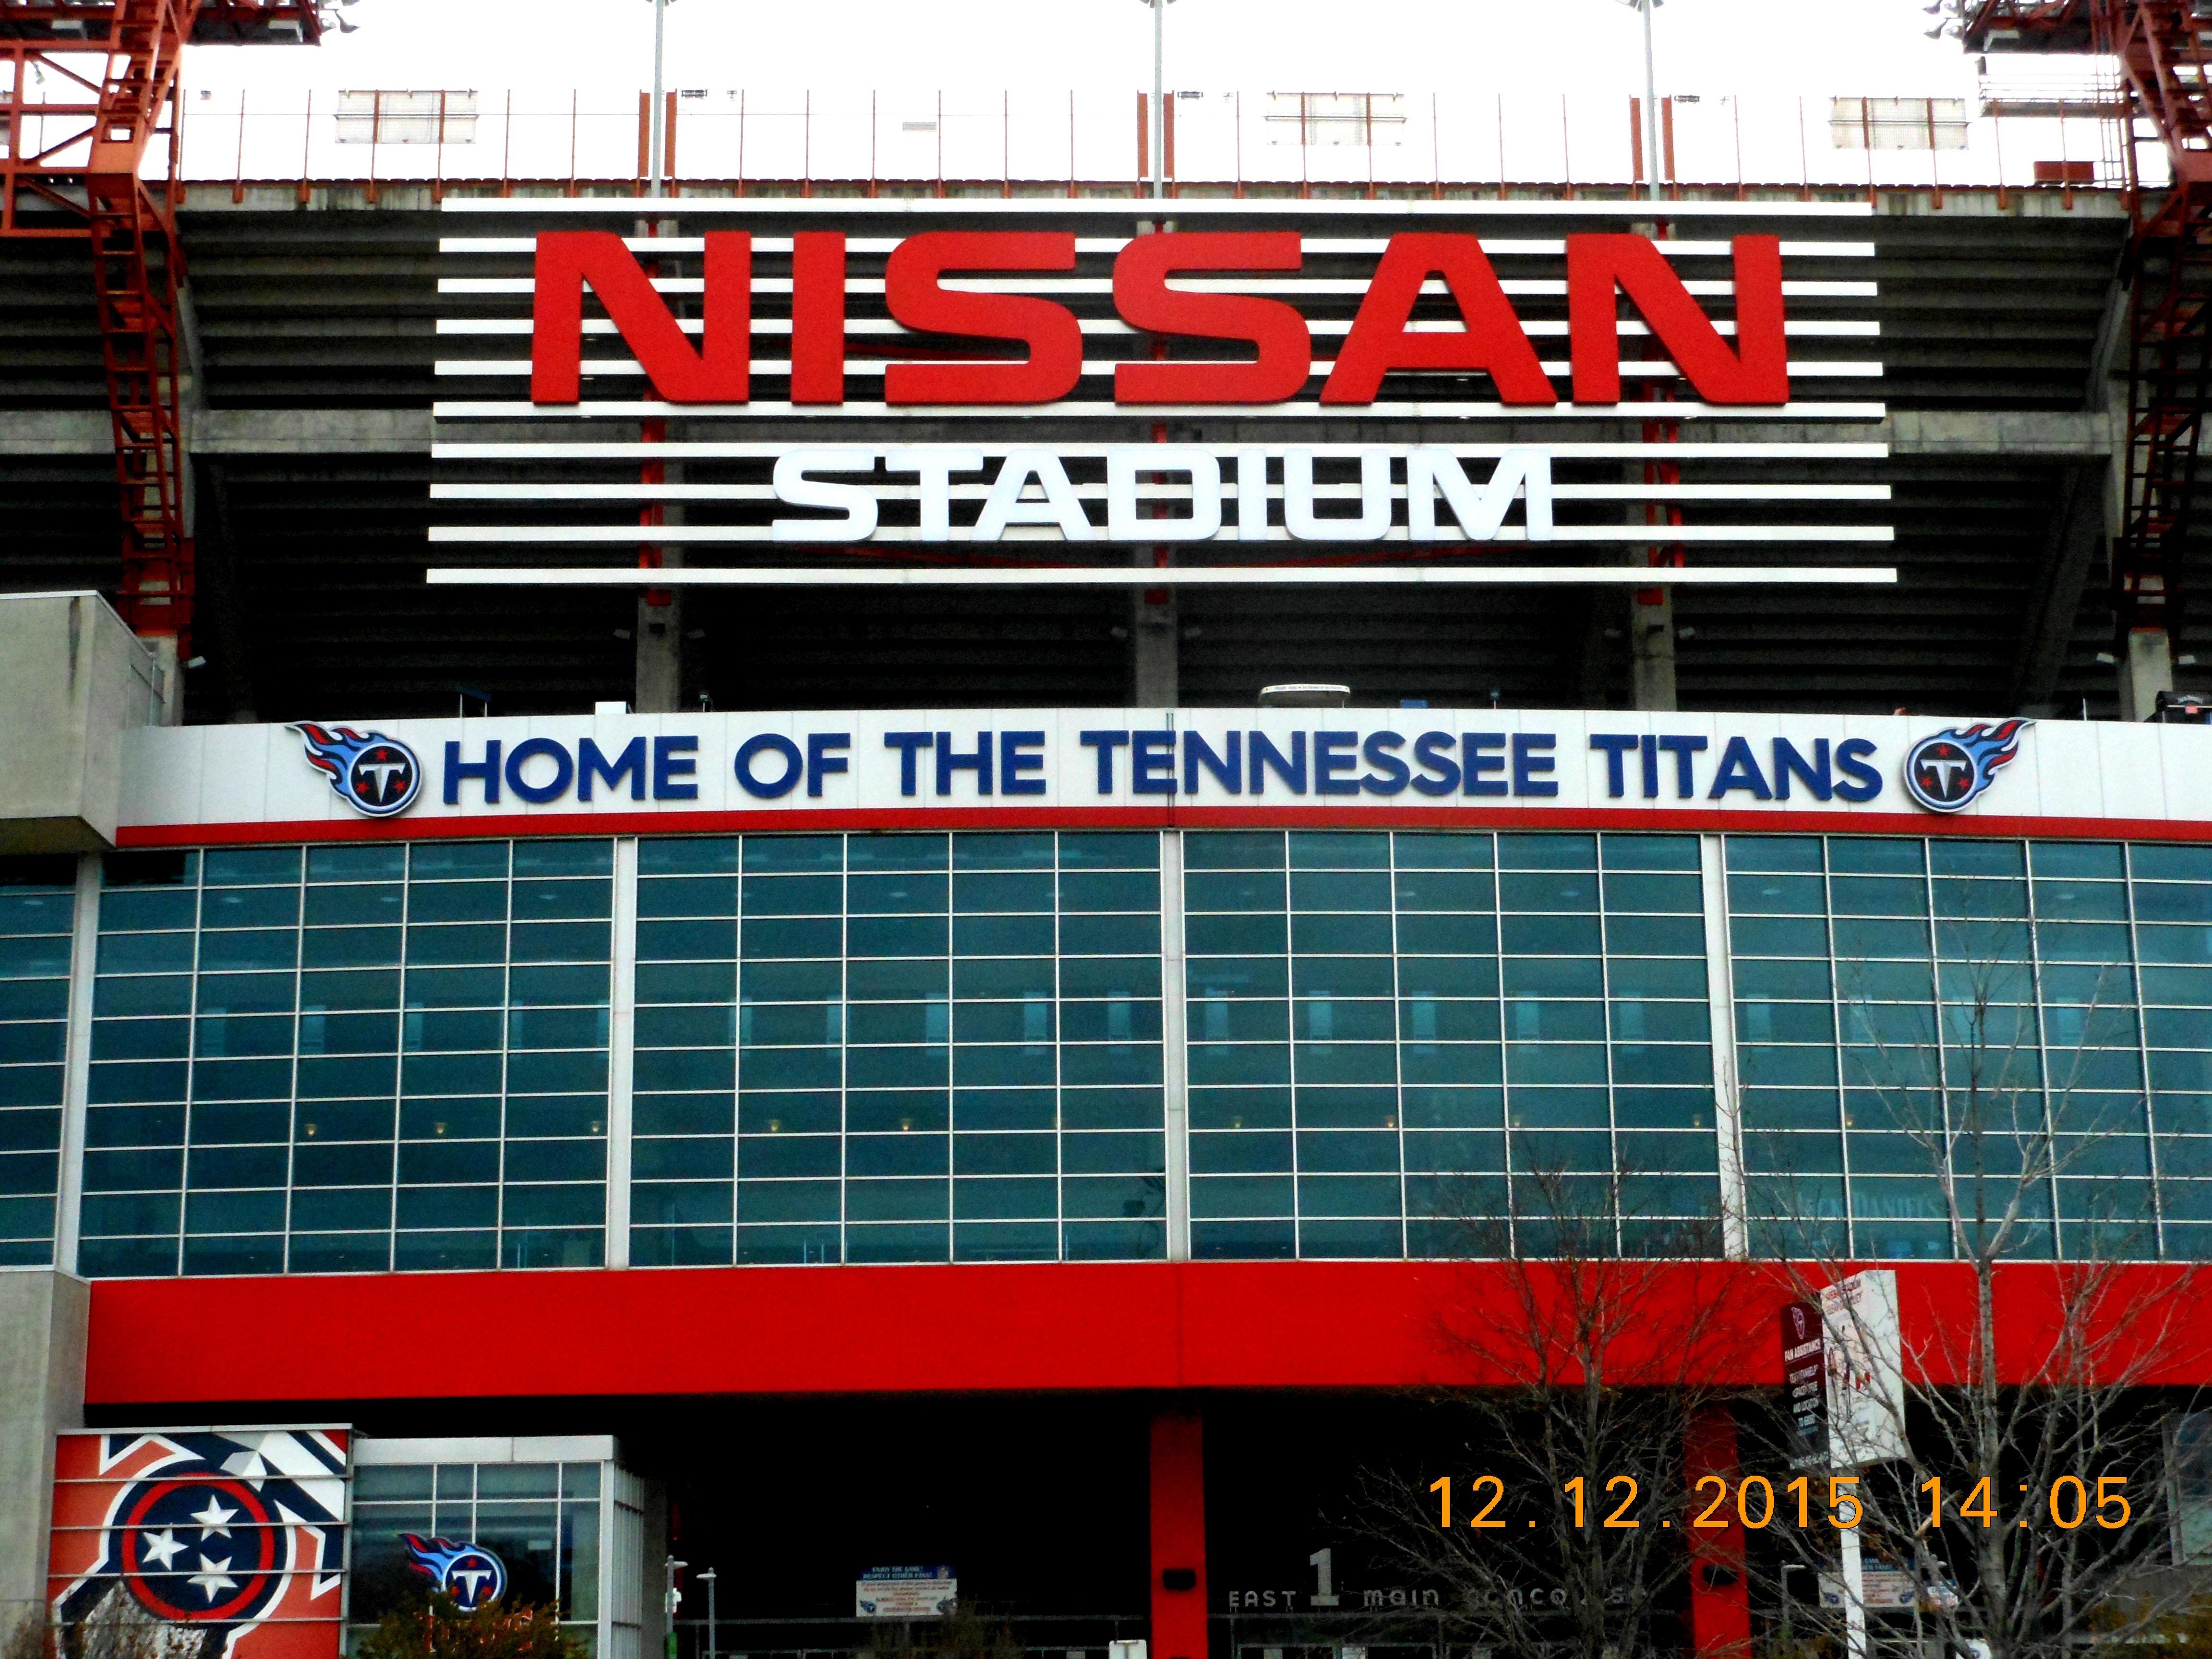 Titans sat 12-13-15 003 (1)